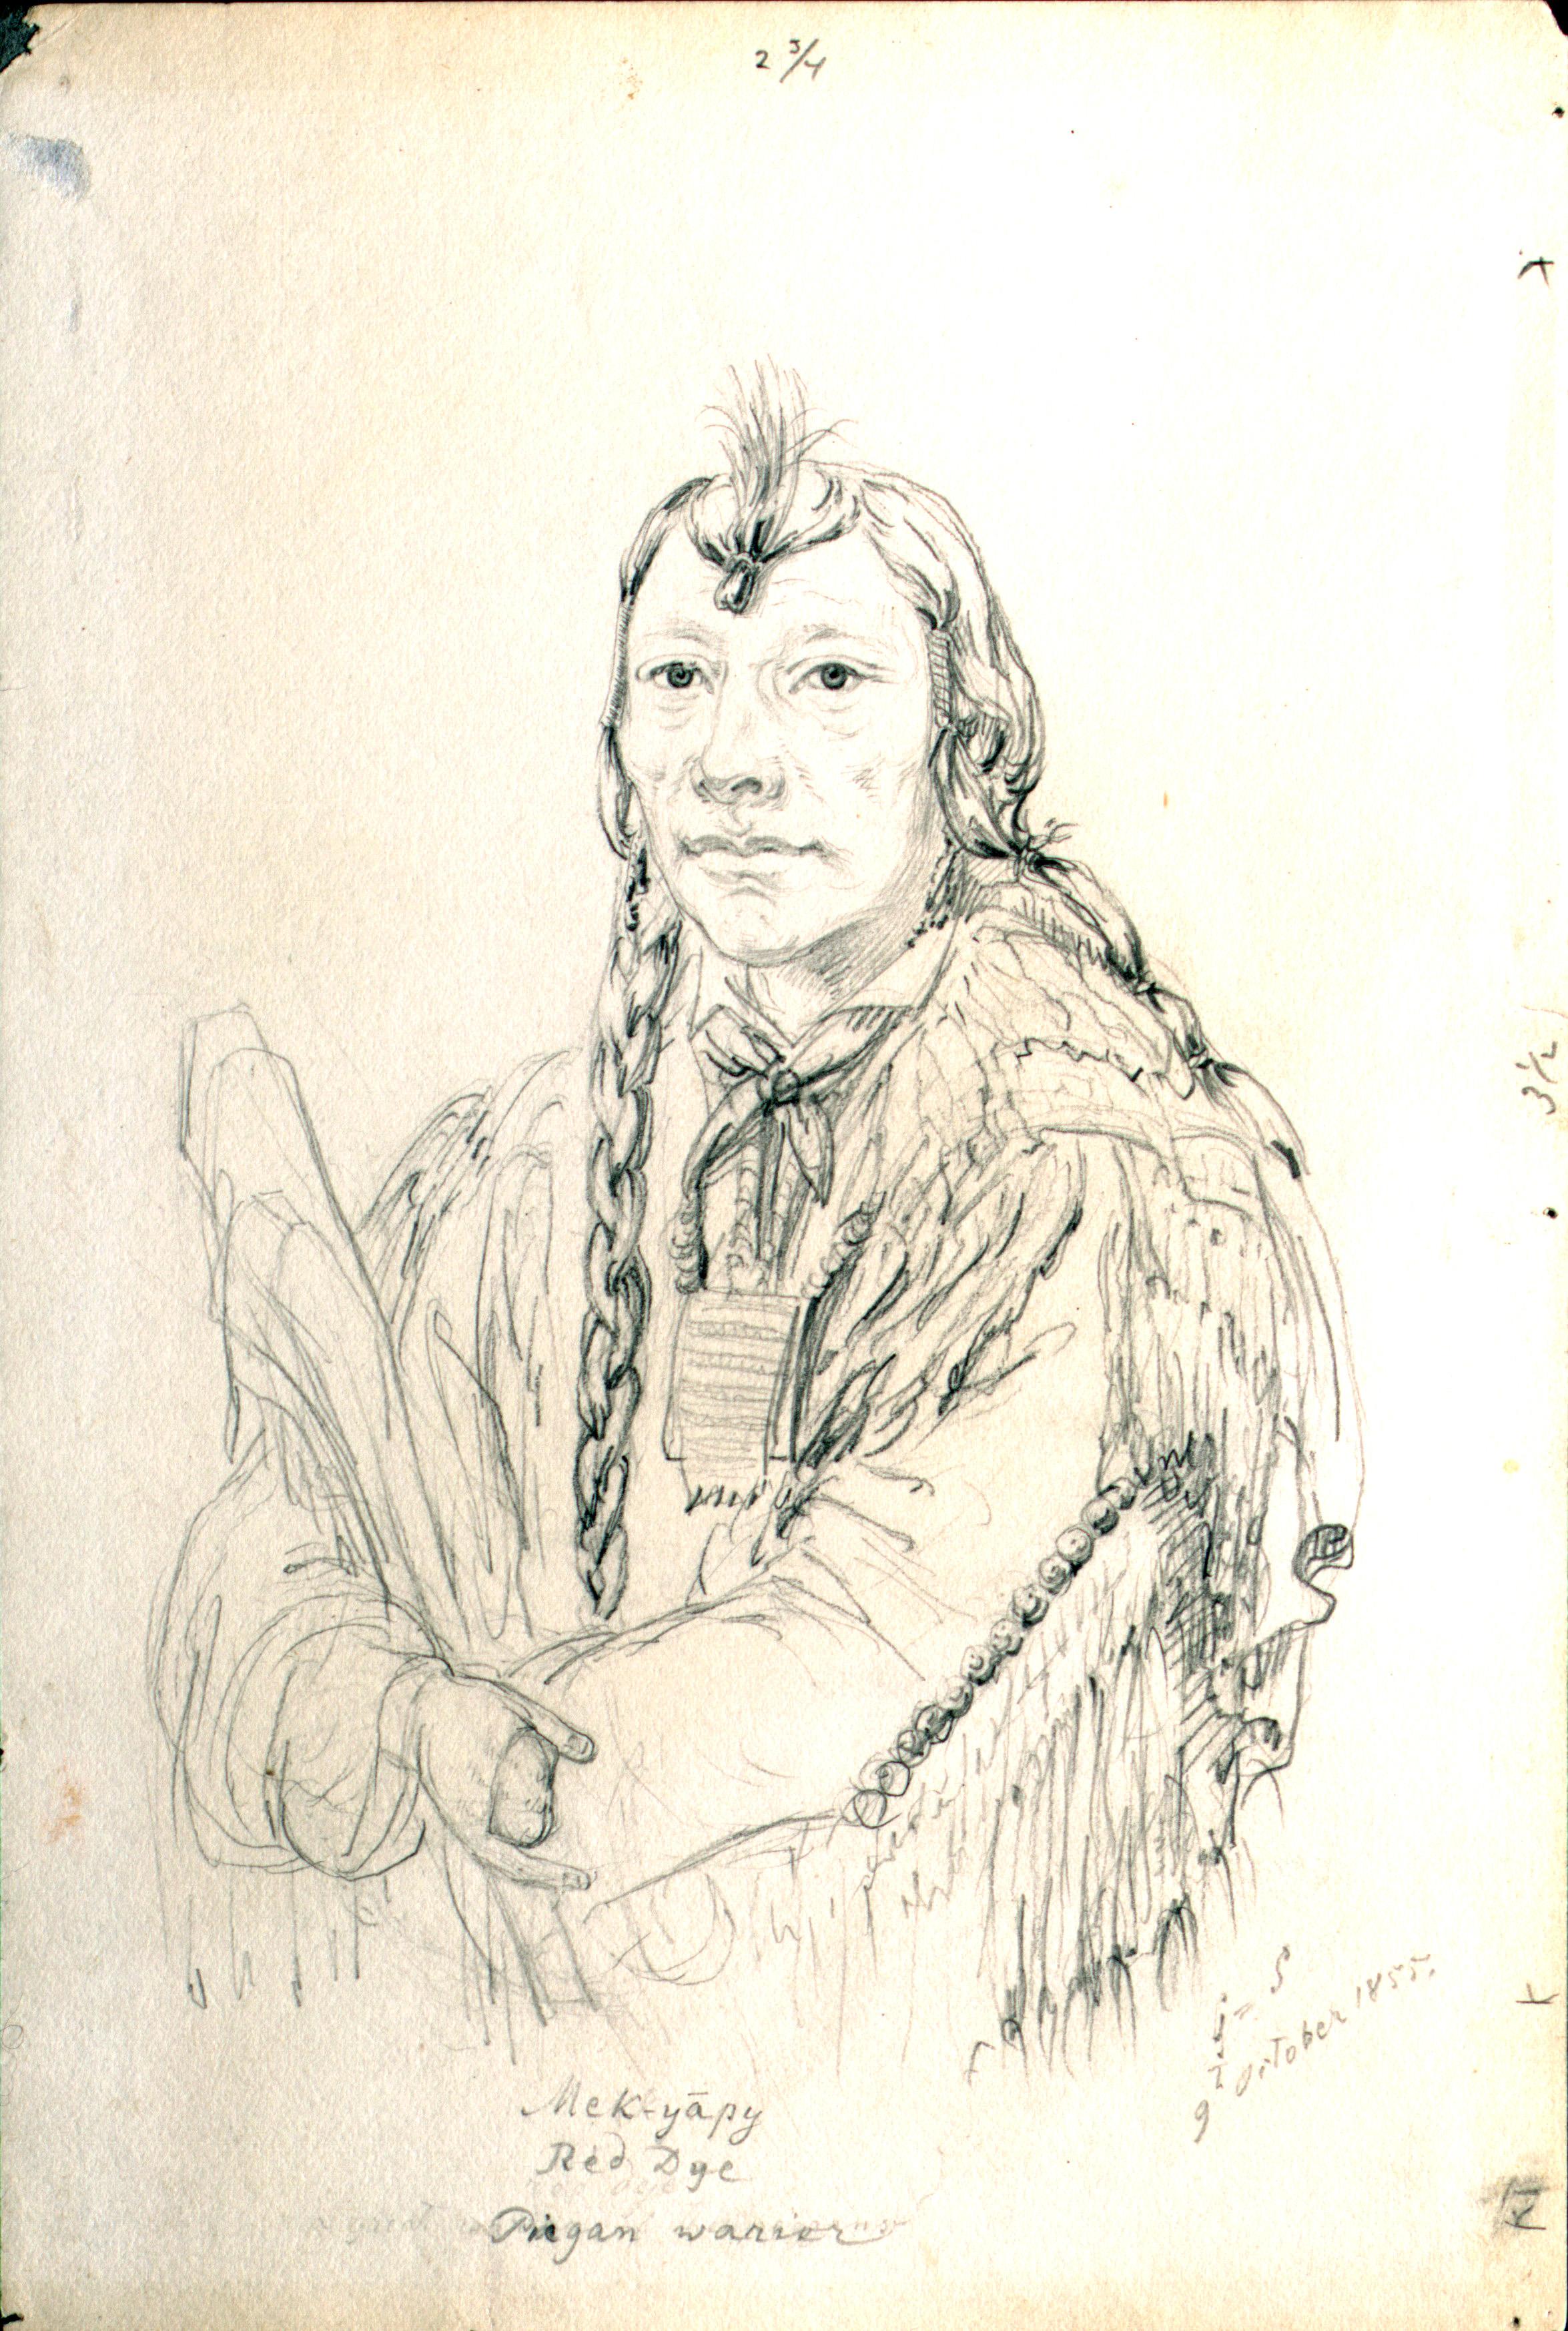 Mek-yapy  Red Dye  Piegan Warrior